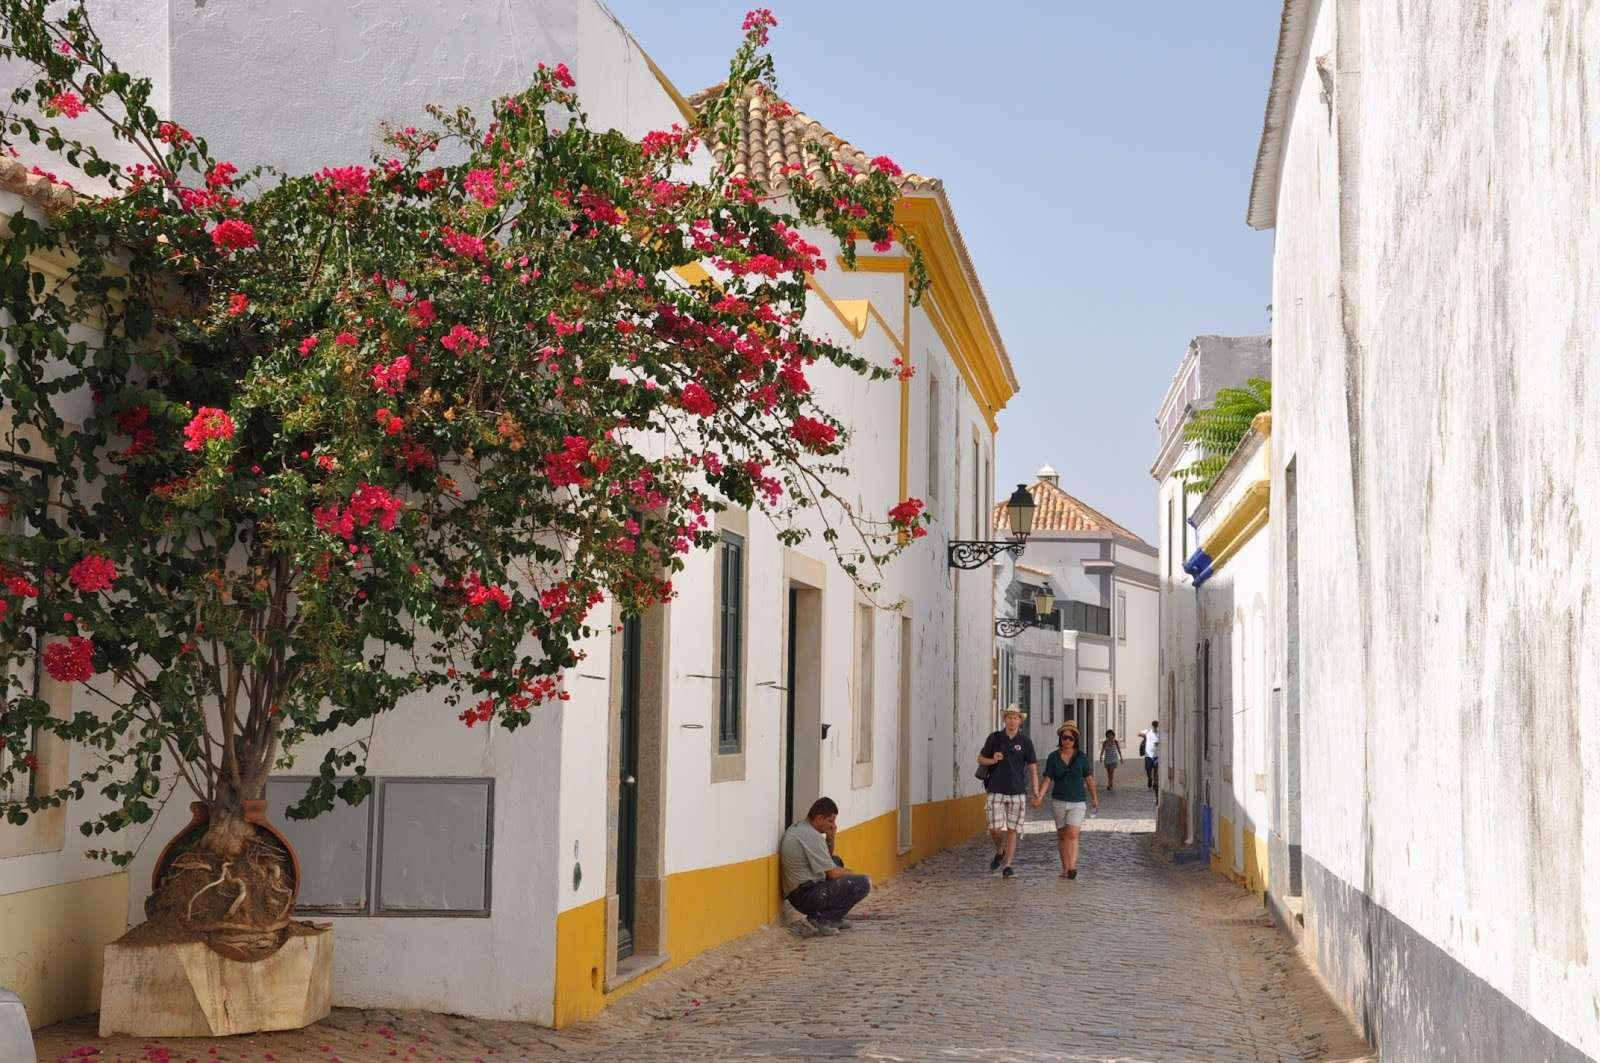 Kullerstensgata i Portugal - Algarve är en berömd turistregion i södra Portugal. Varje år visas tiotusentals turister där under semestermånaderna. Främst från England och Spanien finns det också många gäster från Bene (10×10)